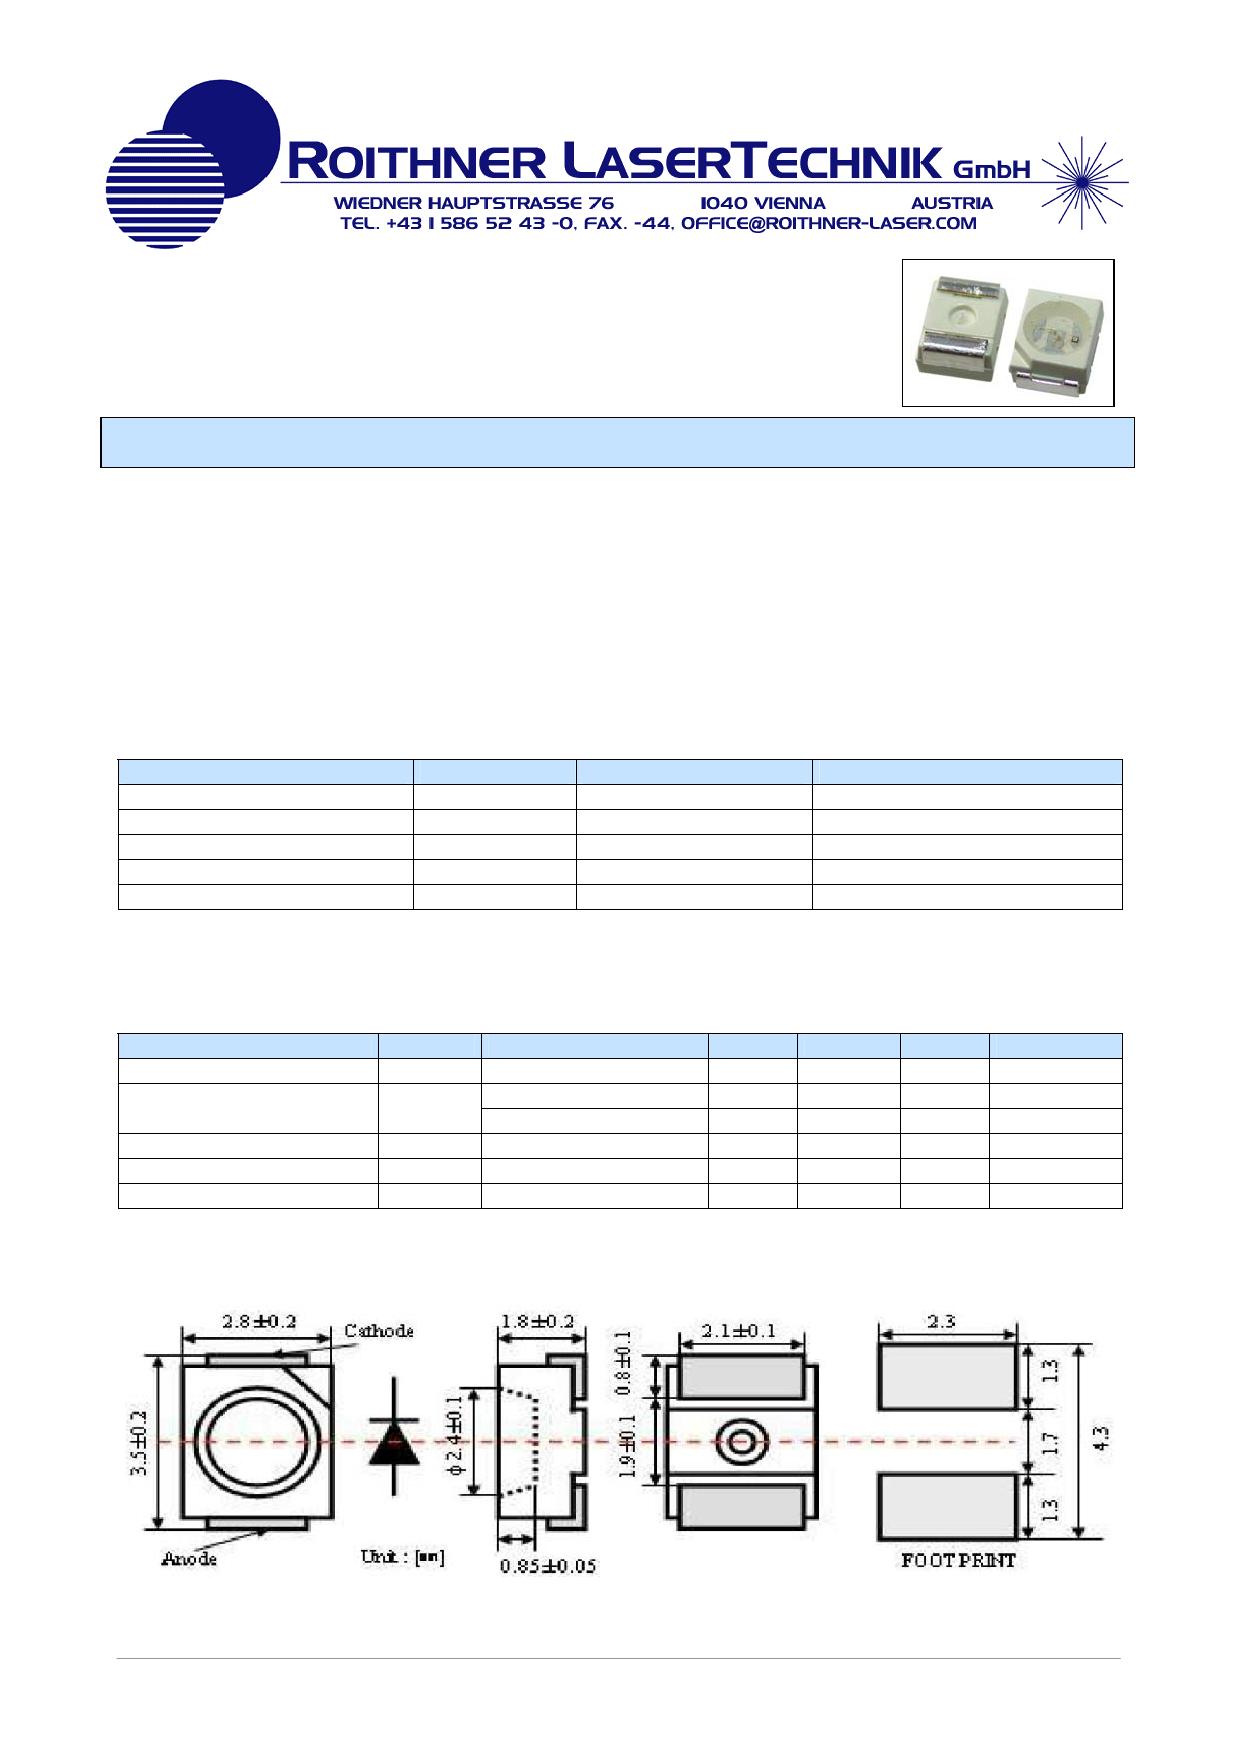 GUVA-S12SD Даташит, Описание, Даташиты